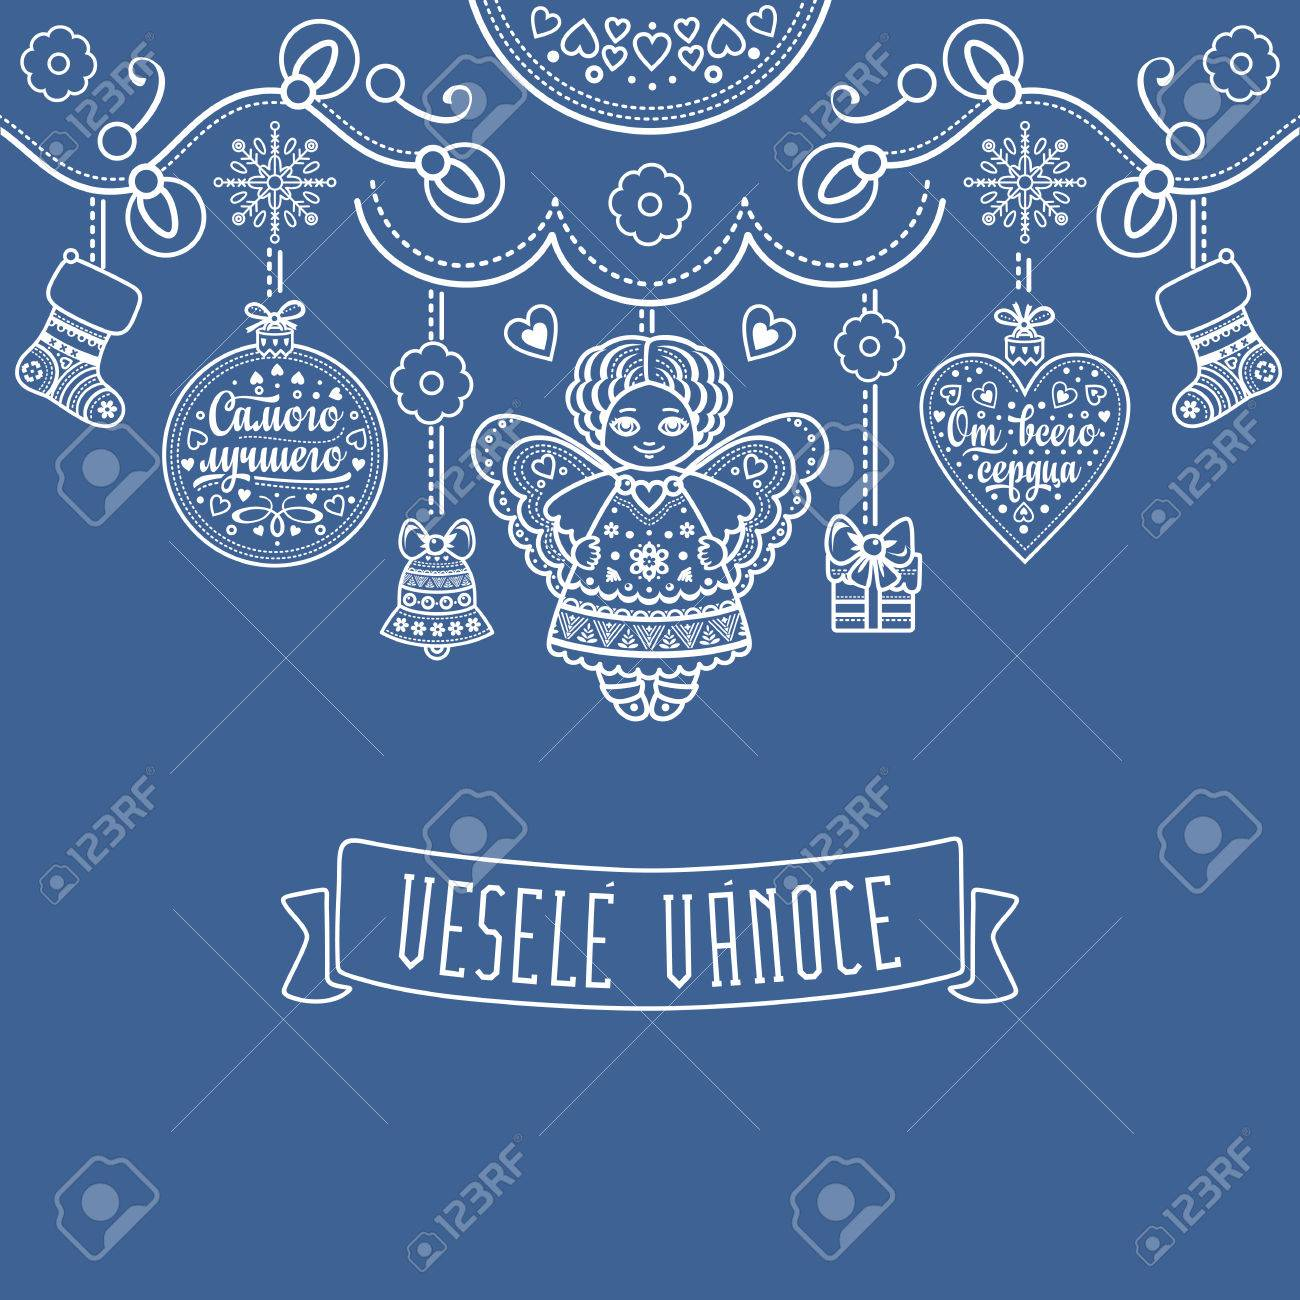 Vesele Vanoce Mensaje De Navidad Composición De Letras Con Frase En Idioma Checo Deseos De Felices Fiestas